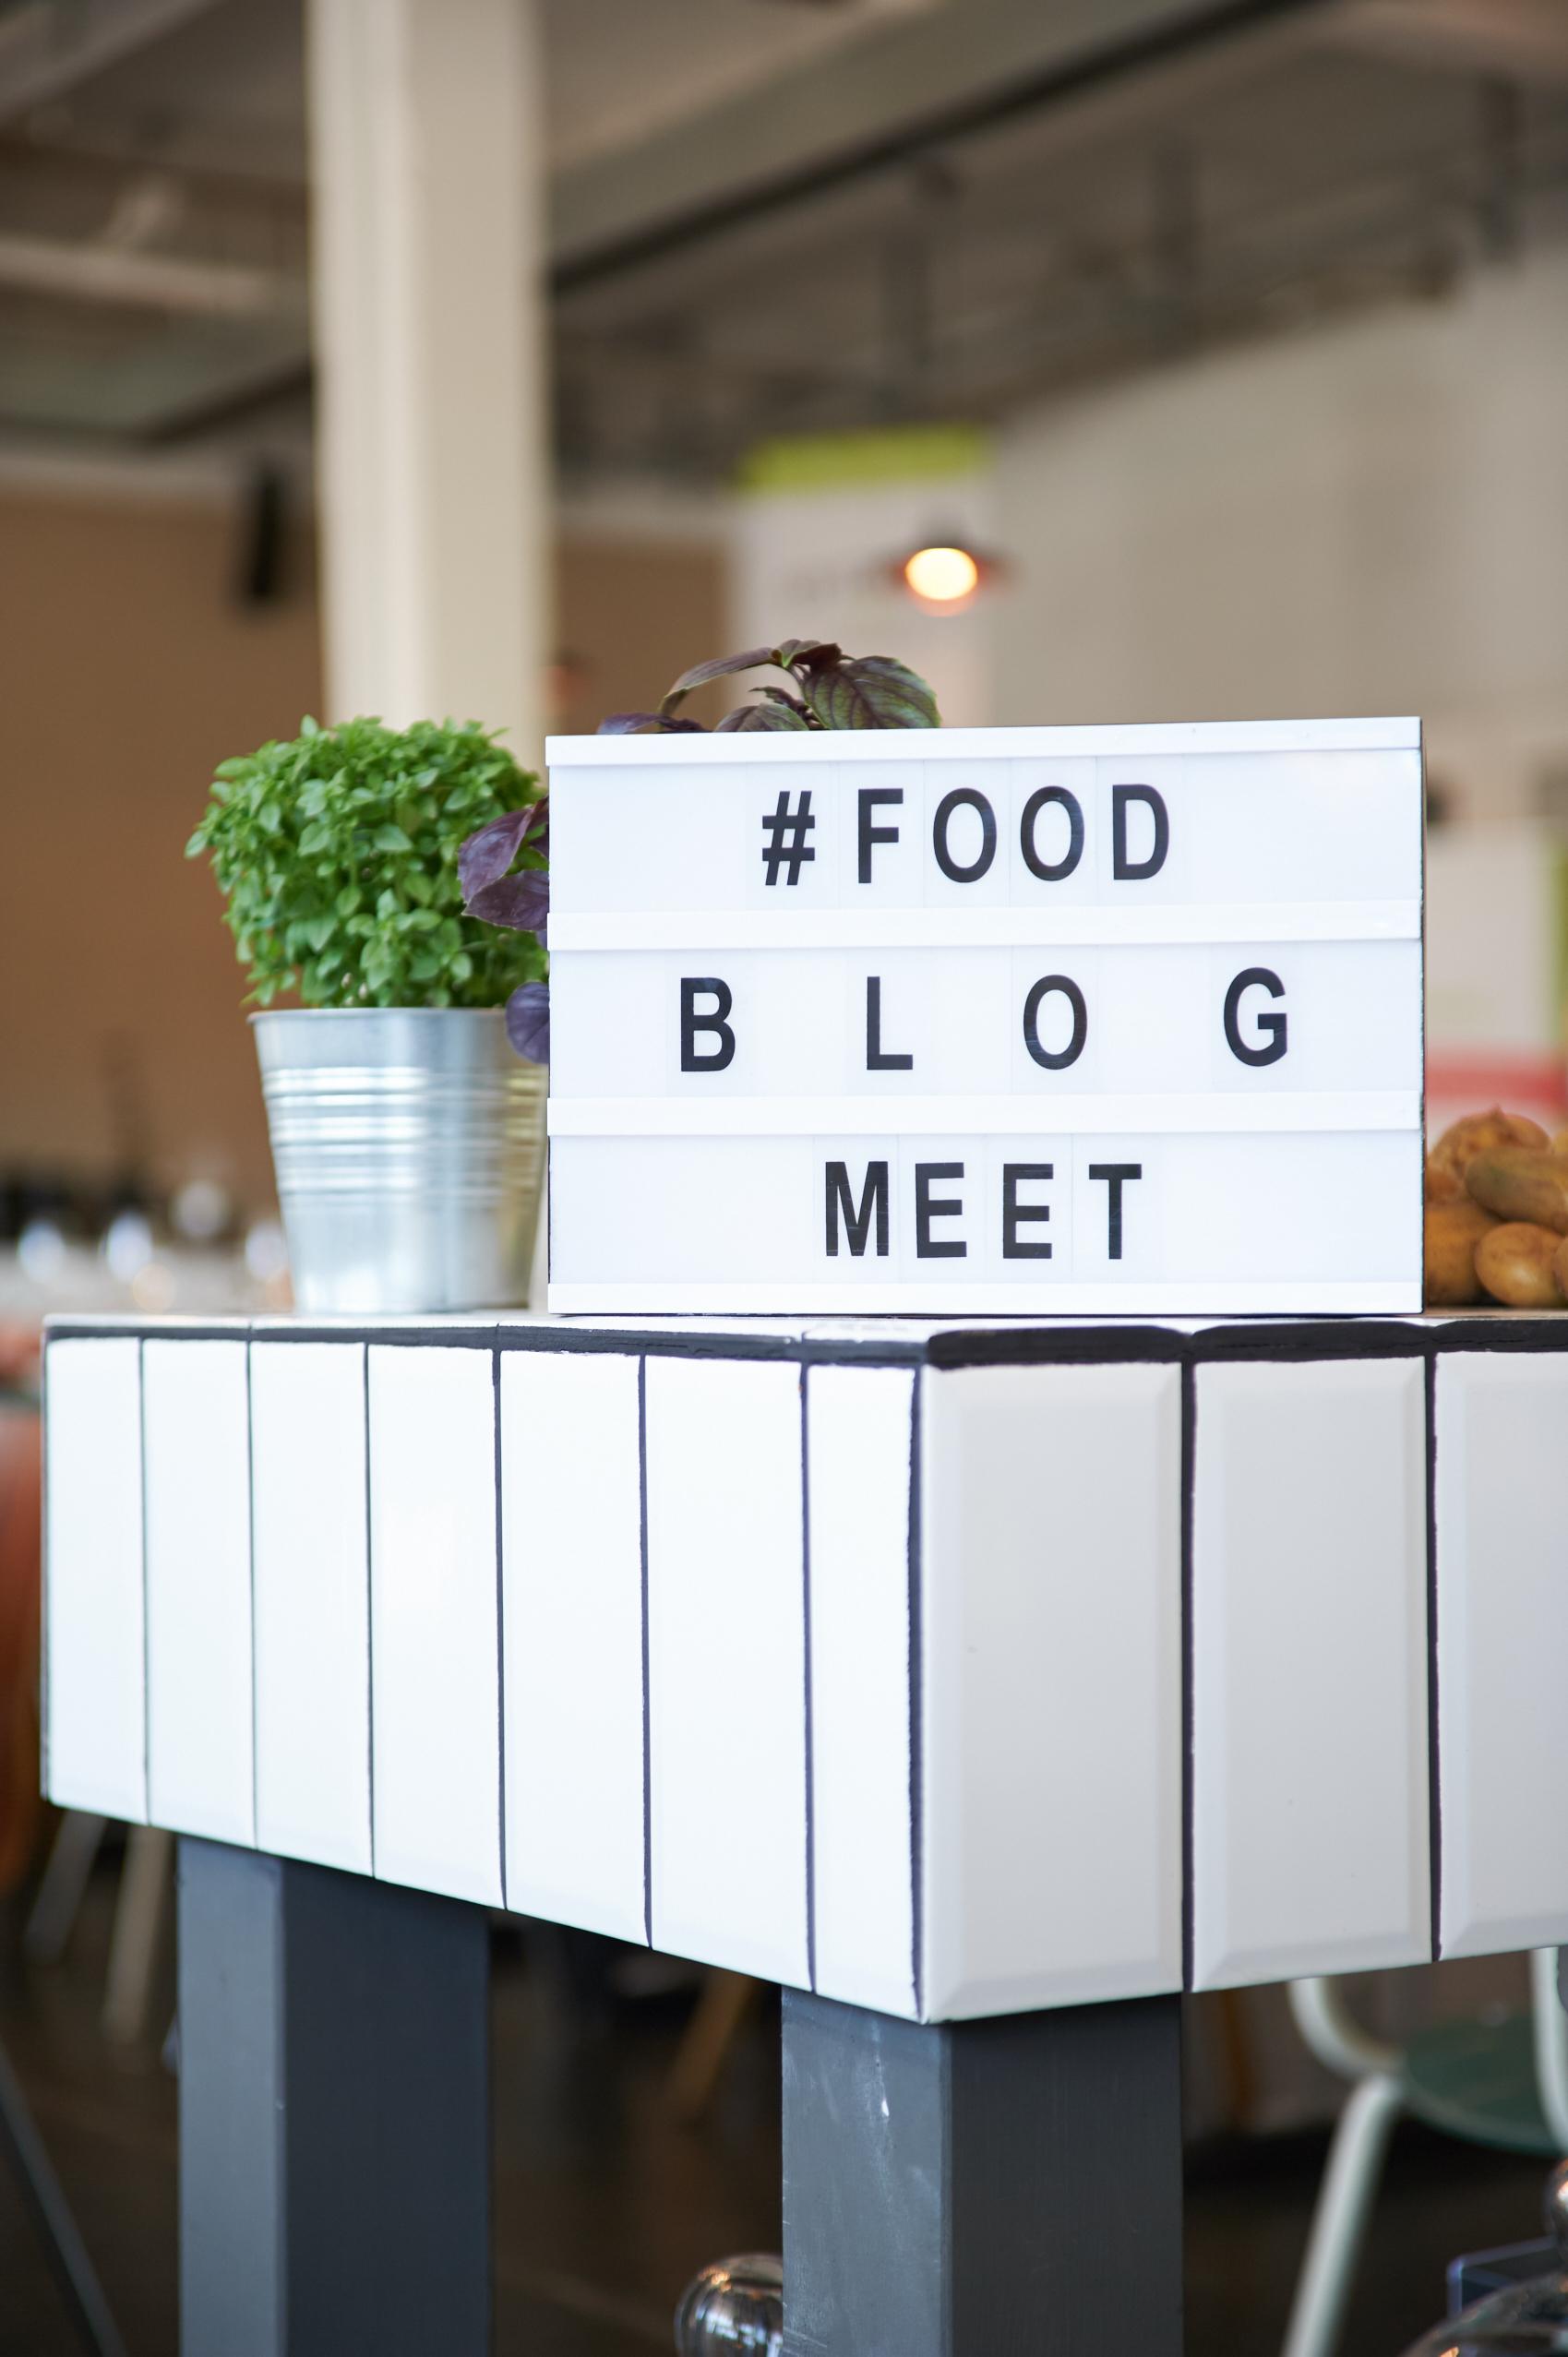 Food_Blog_Meet_01.jpg